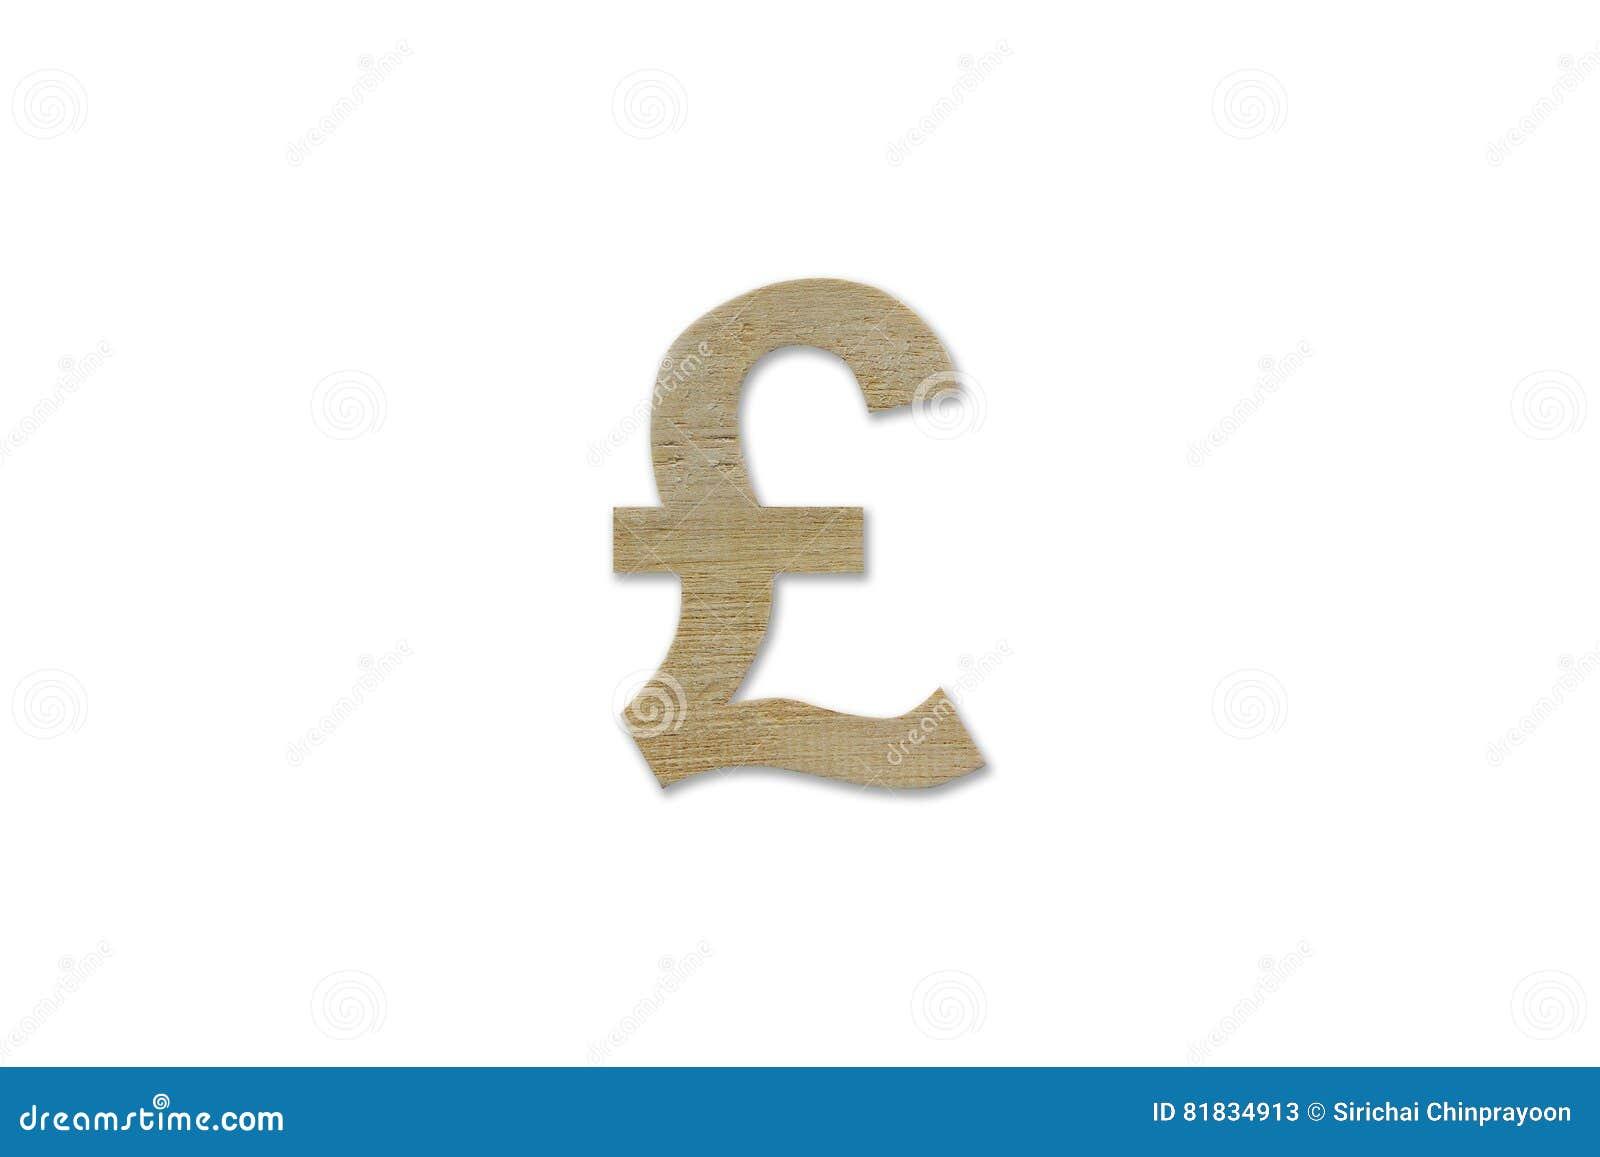 British pound currency symbol stock images 1437 photos buycottarizona Choice Image